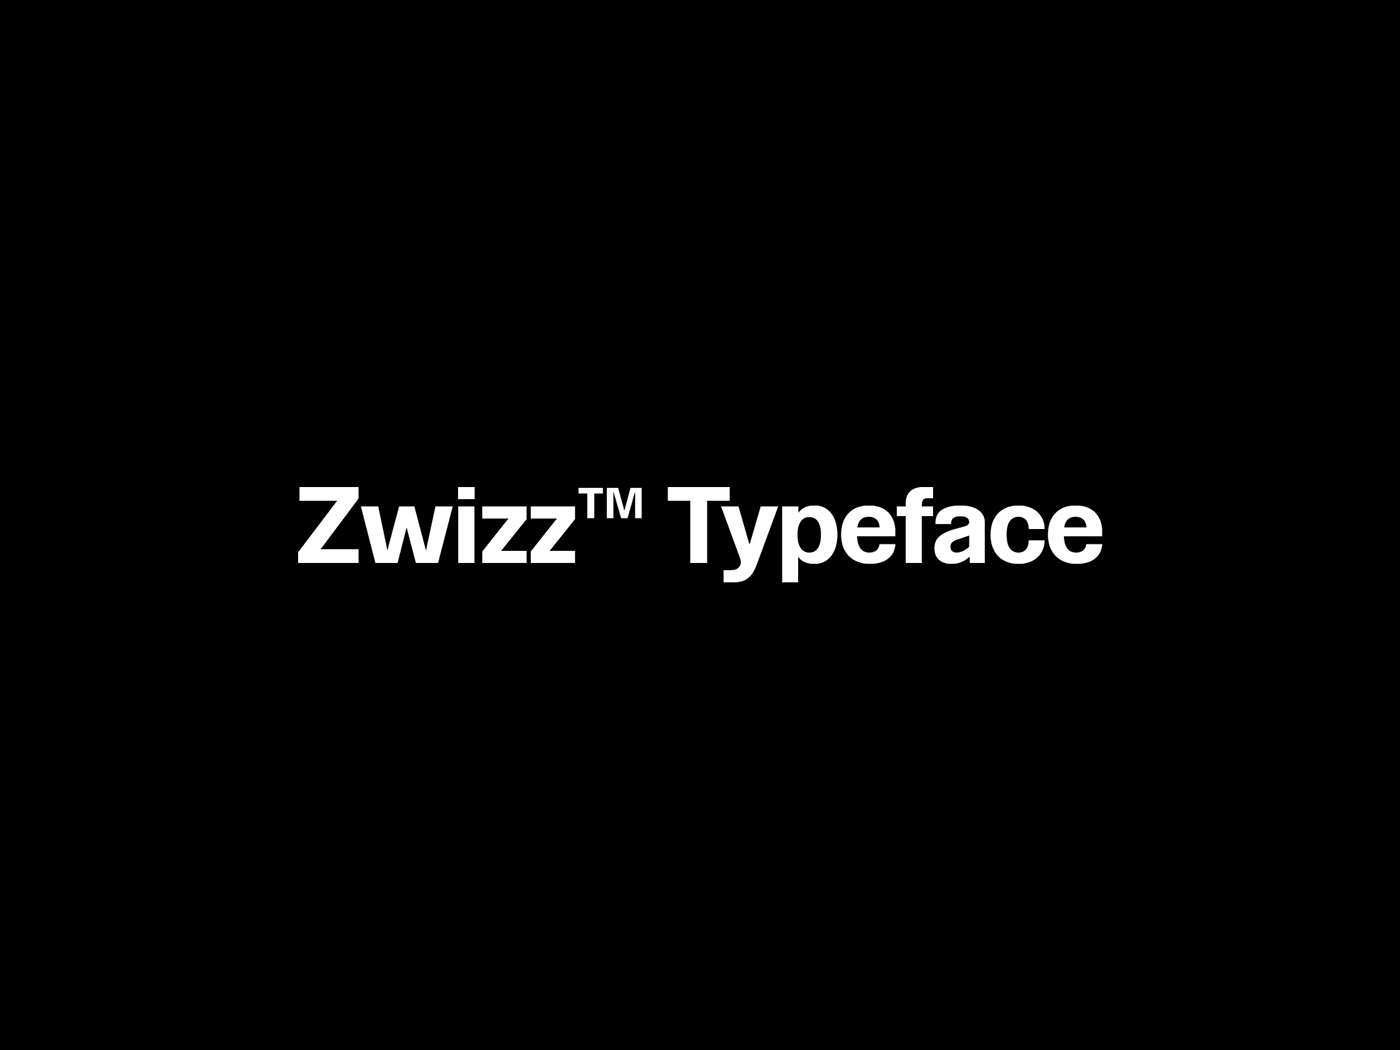 Helvetica font otf download - baspivelkind